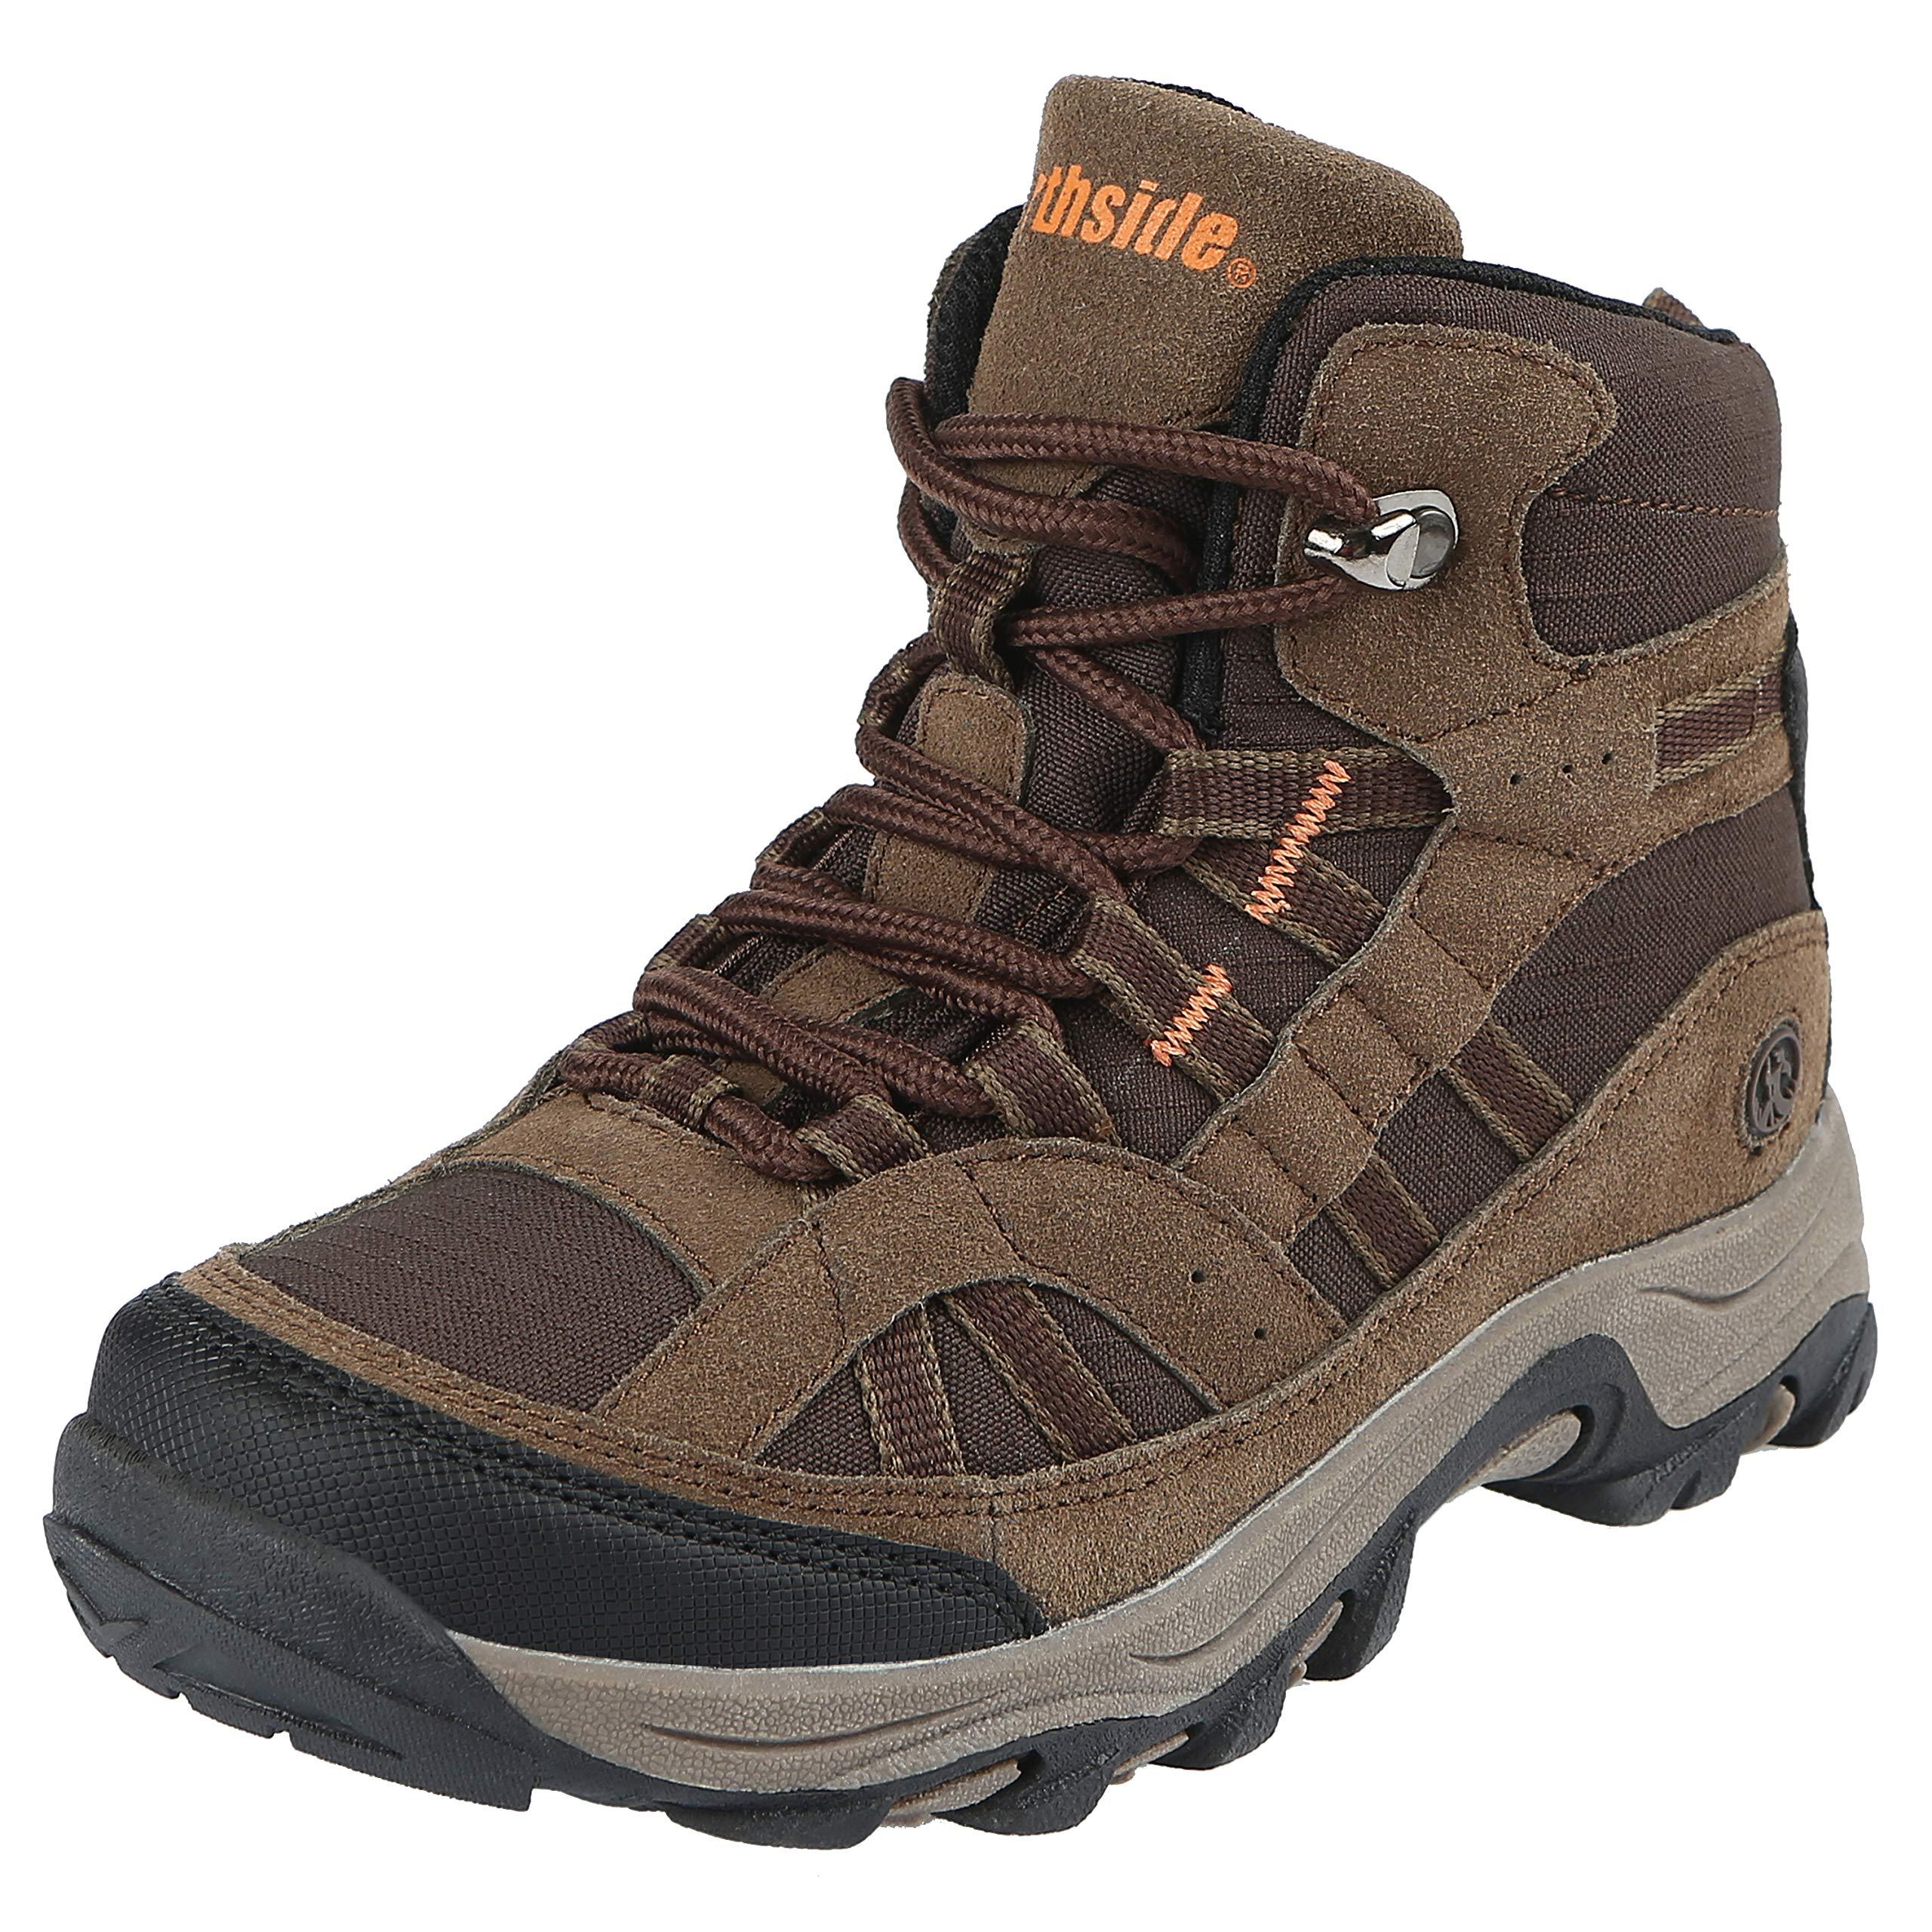 Northside Unisex Rampart MID Hiking Boot, Brown, 6 Medium US Big Kid